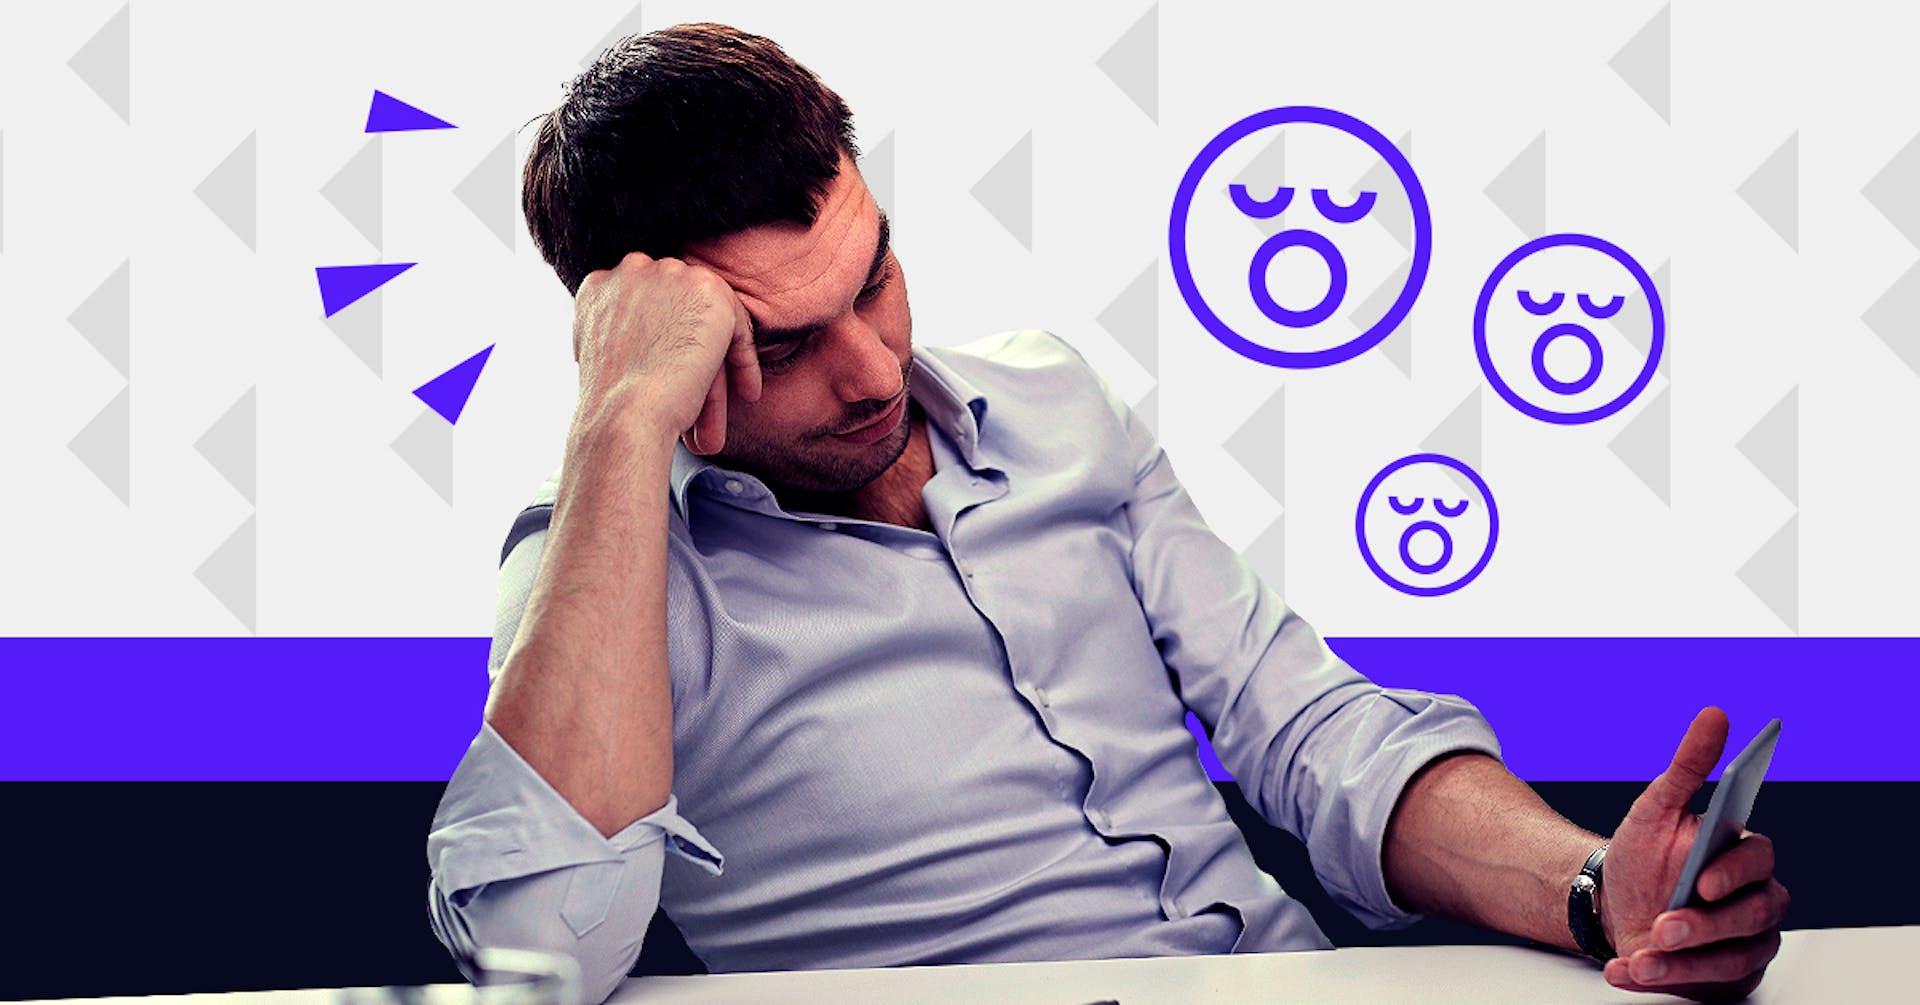 ¿Por qué me falta motivación en el trabajo? Calma, no es tu culpa